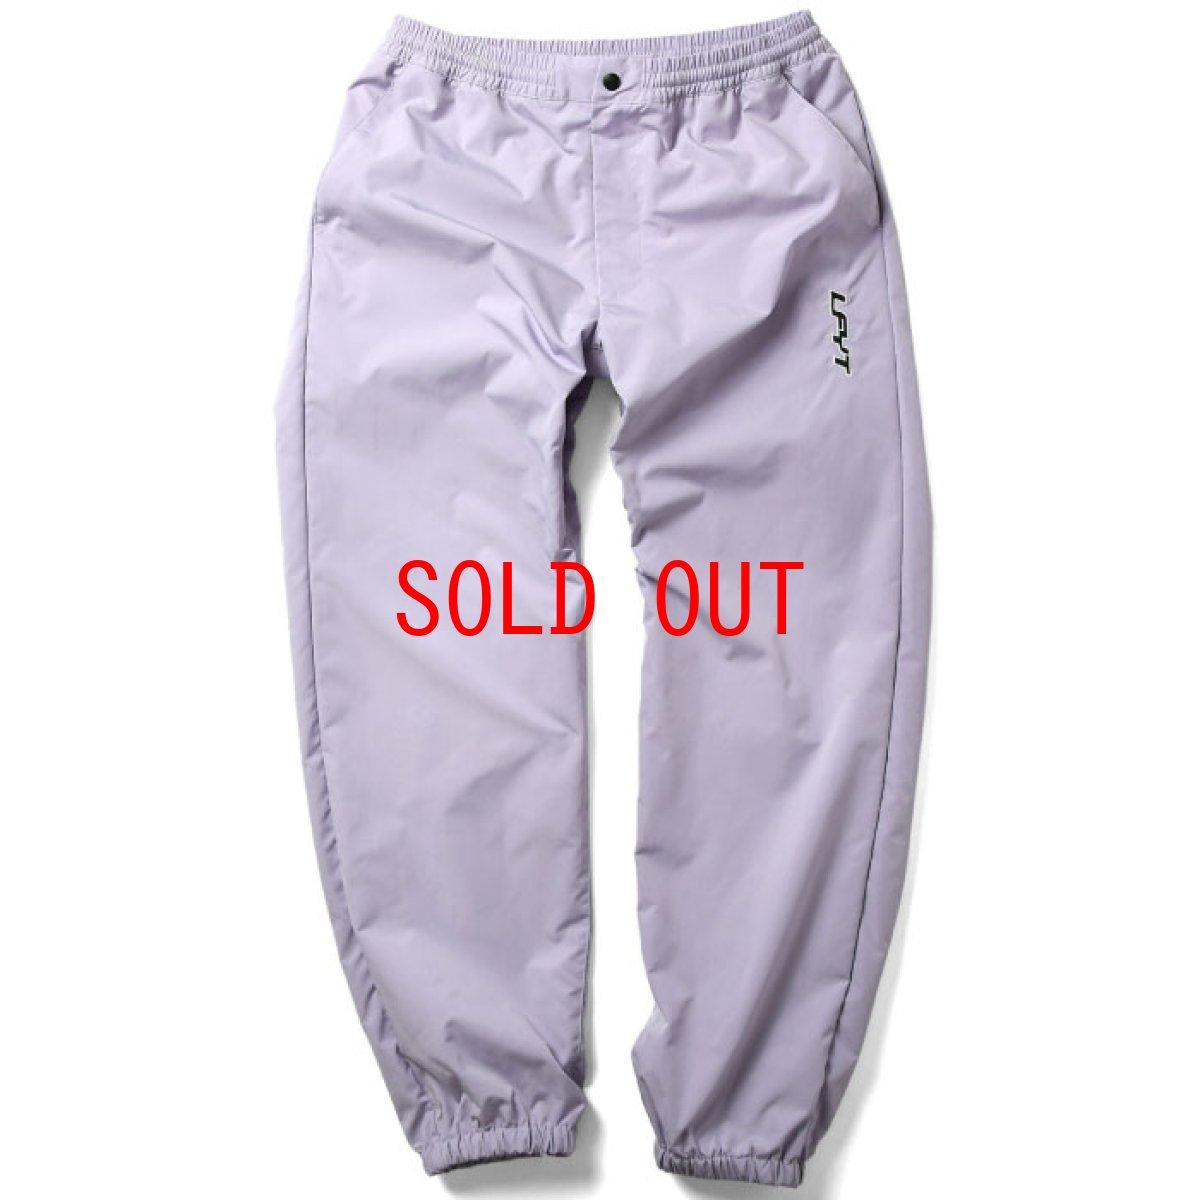 画像1: Sports Track Pants スポーツ トラック パンツ ナイロン セット アップ Purple パープル by Lafayette ラファイエット  (1)